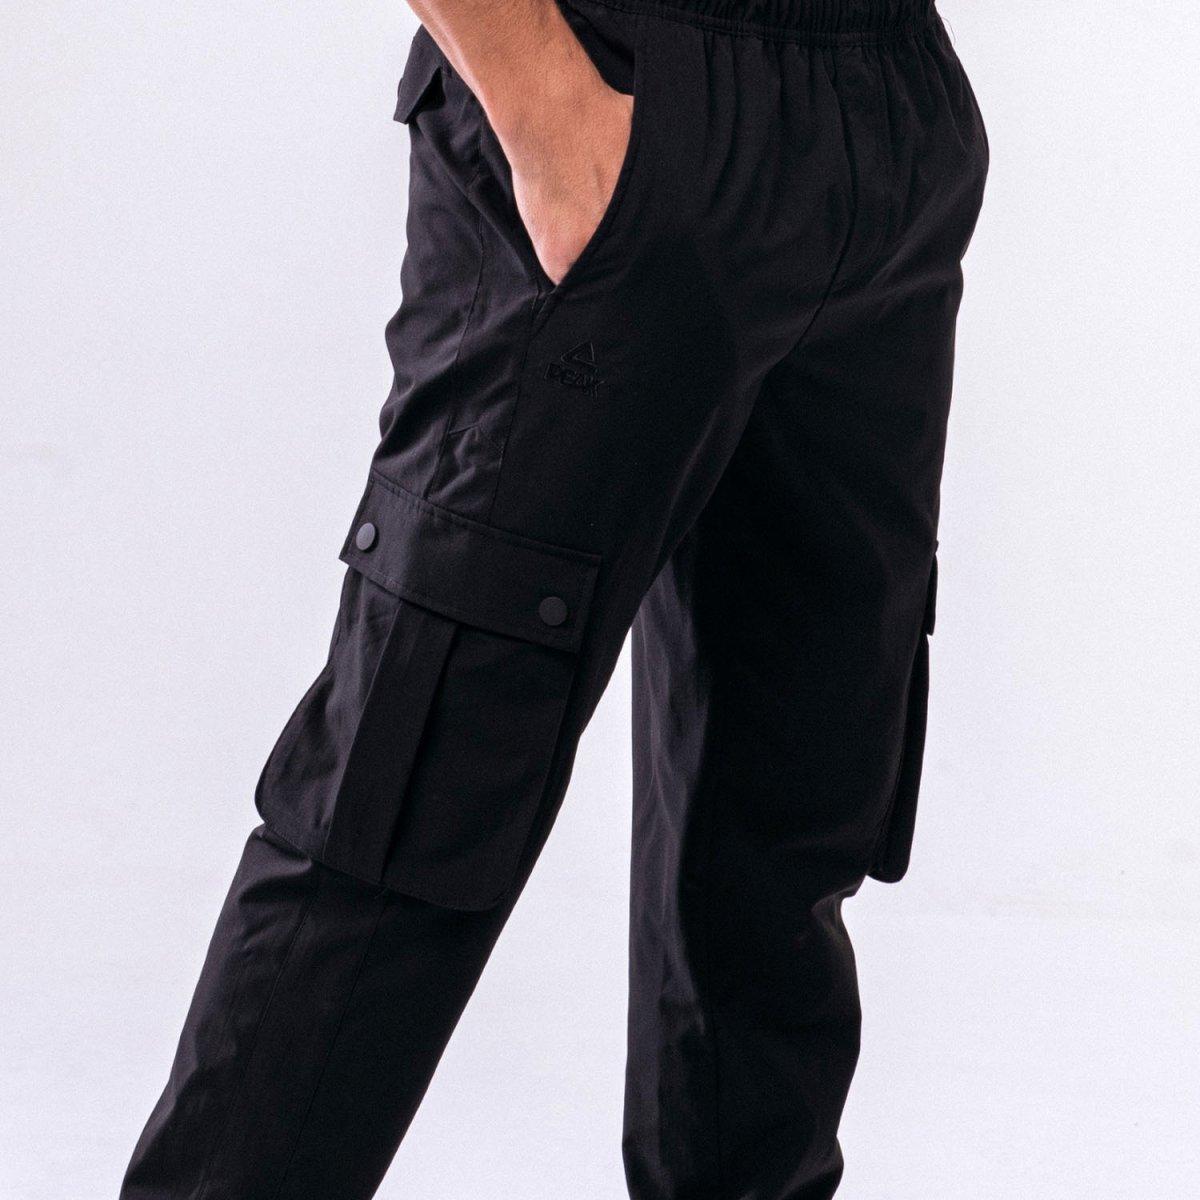 Штаны спортивные мужские Peak FW301351-BLA 2XL Черный (6941230161250)